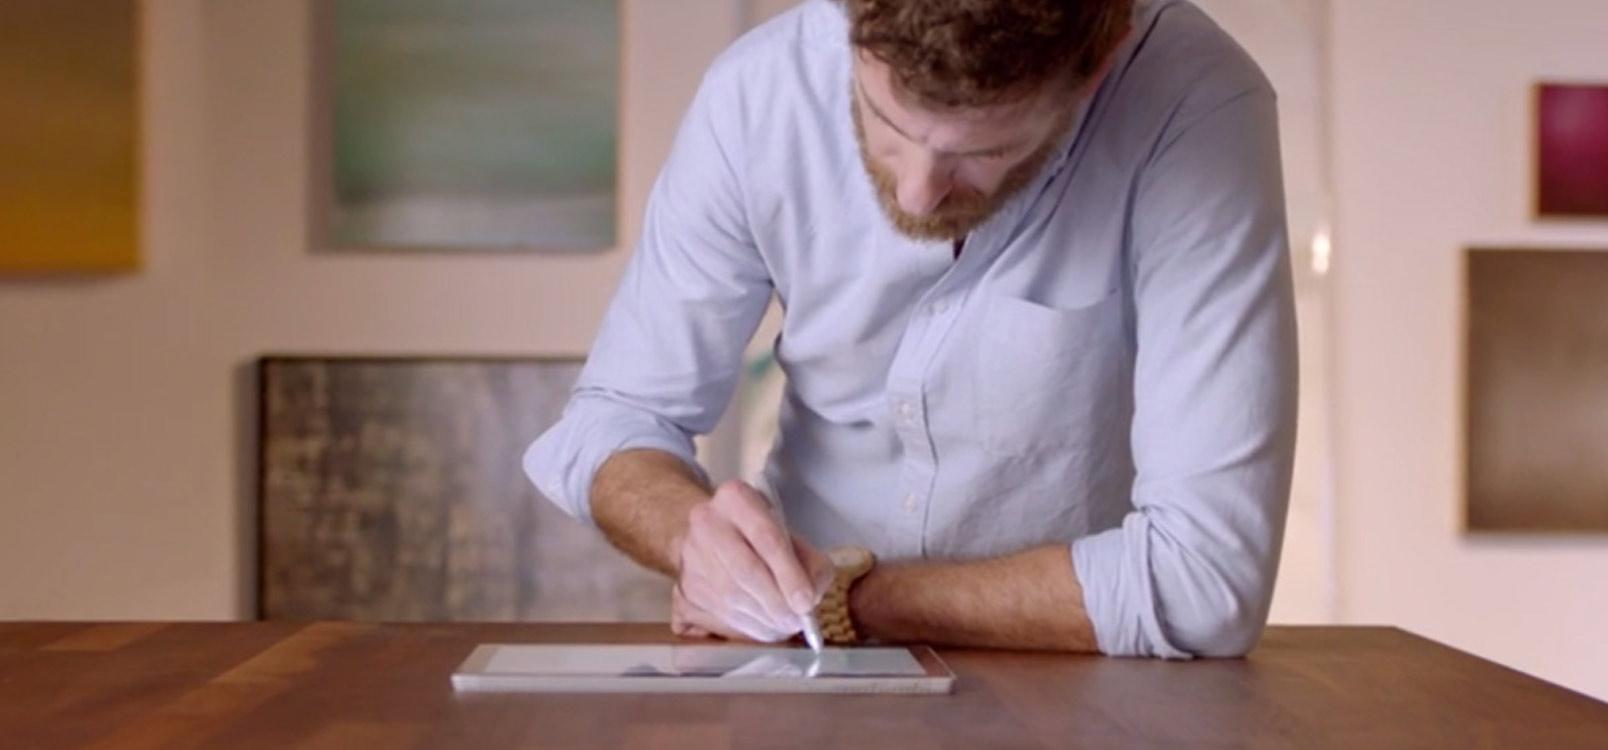 Dva lidé se dívají na obrazovku telefonu. Přečtěte si ospolupráci sostatními vOffice.